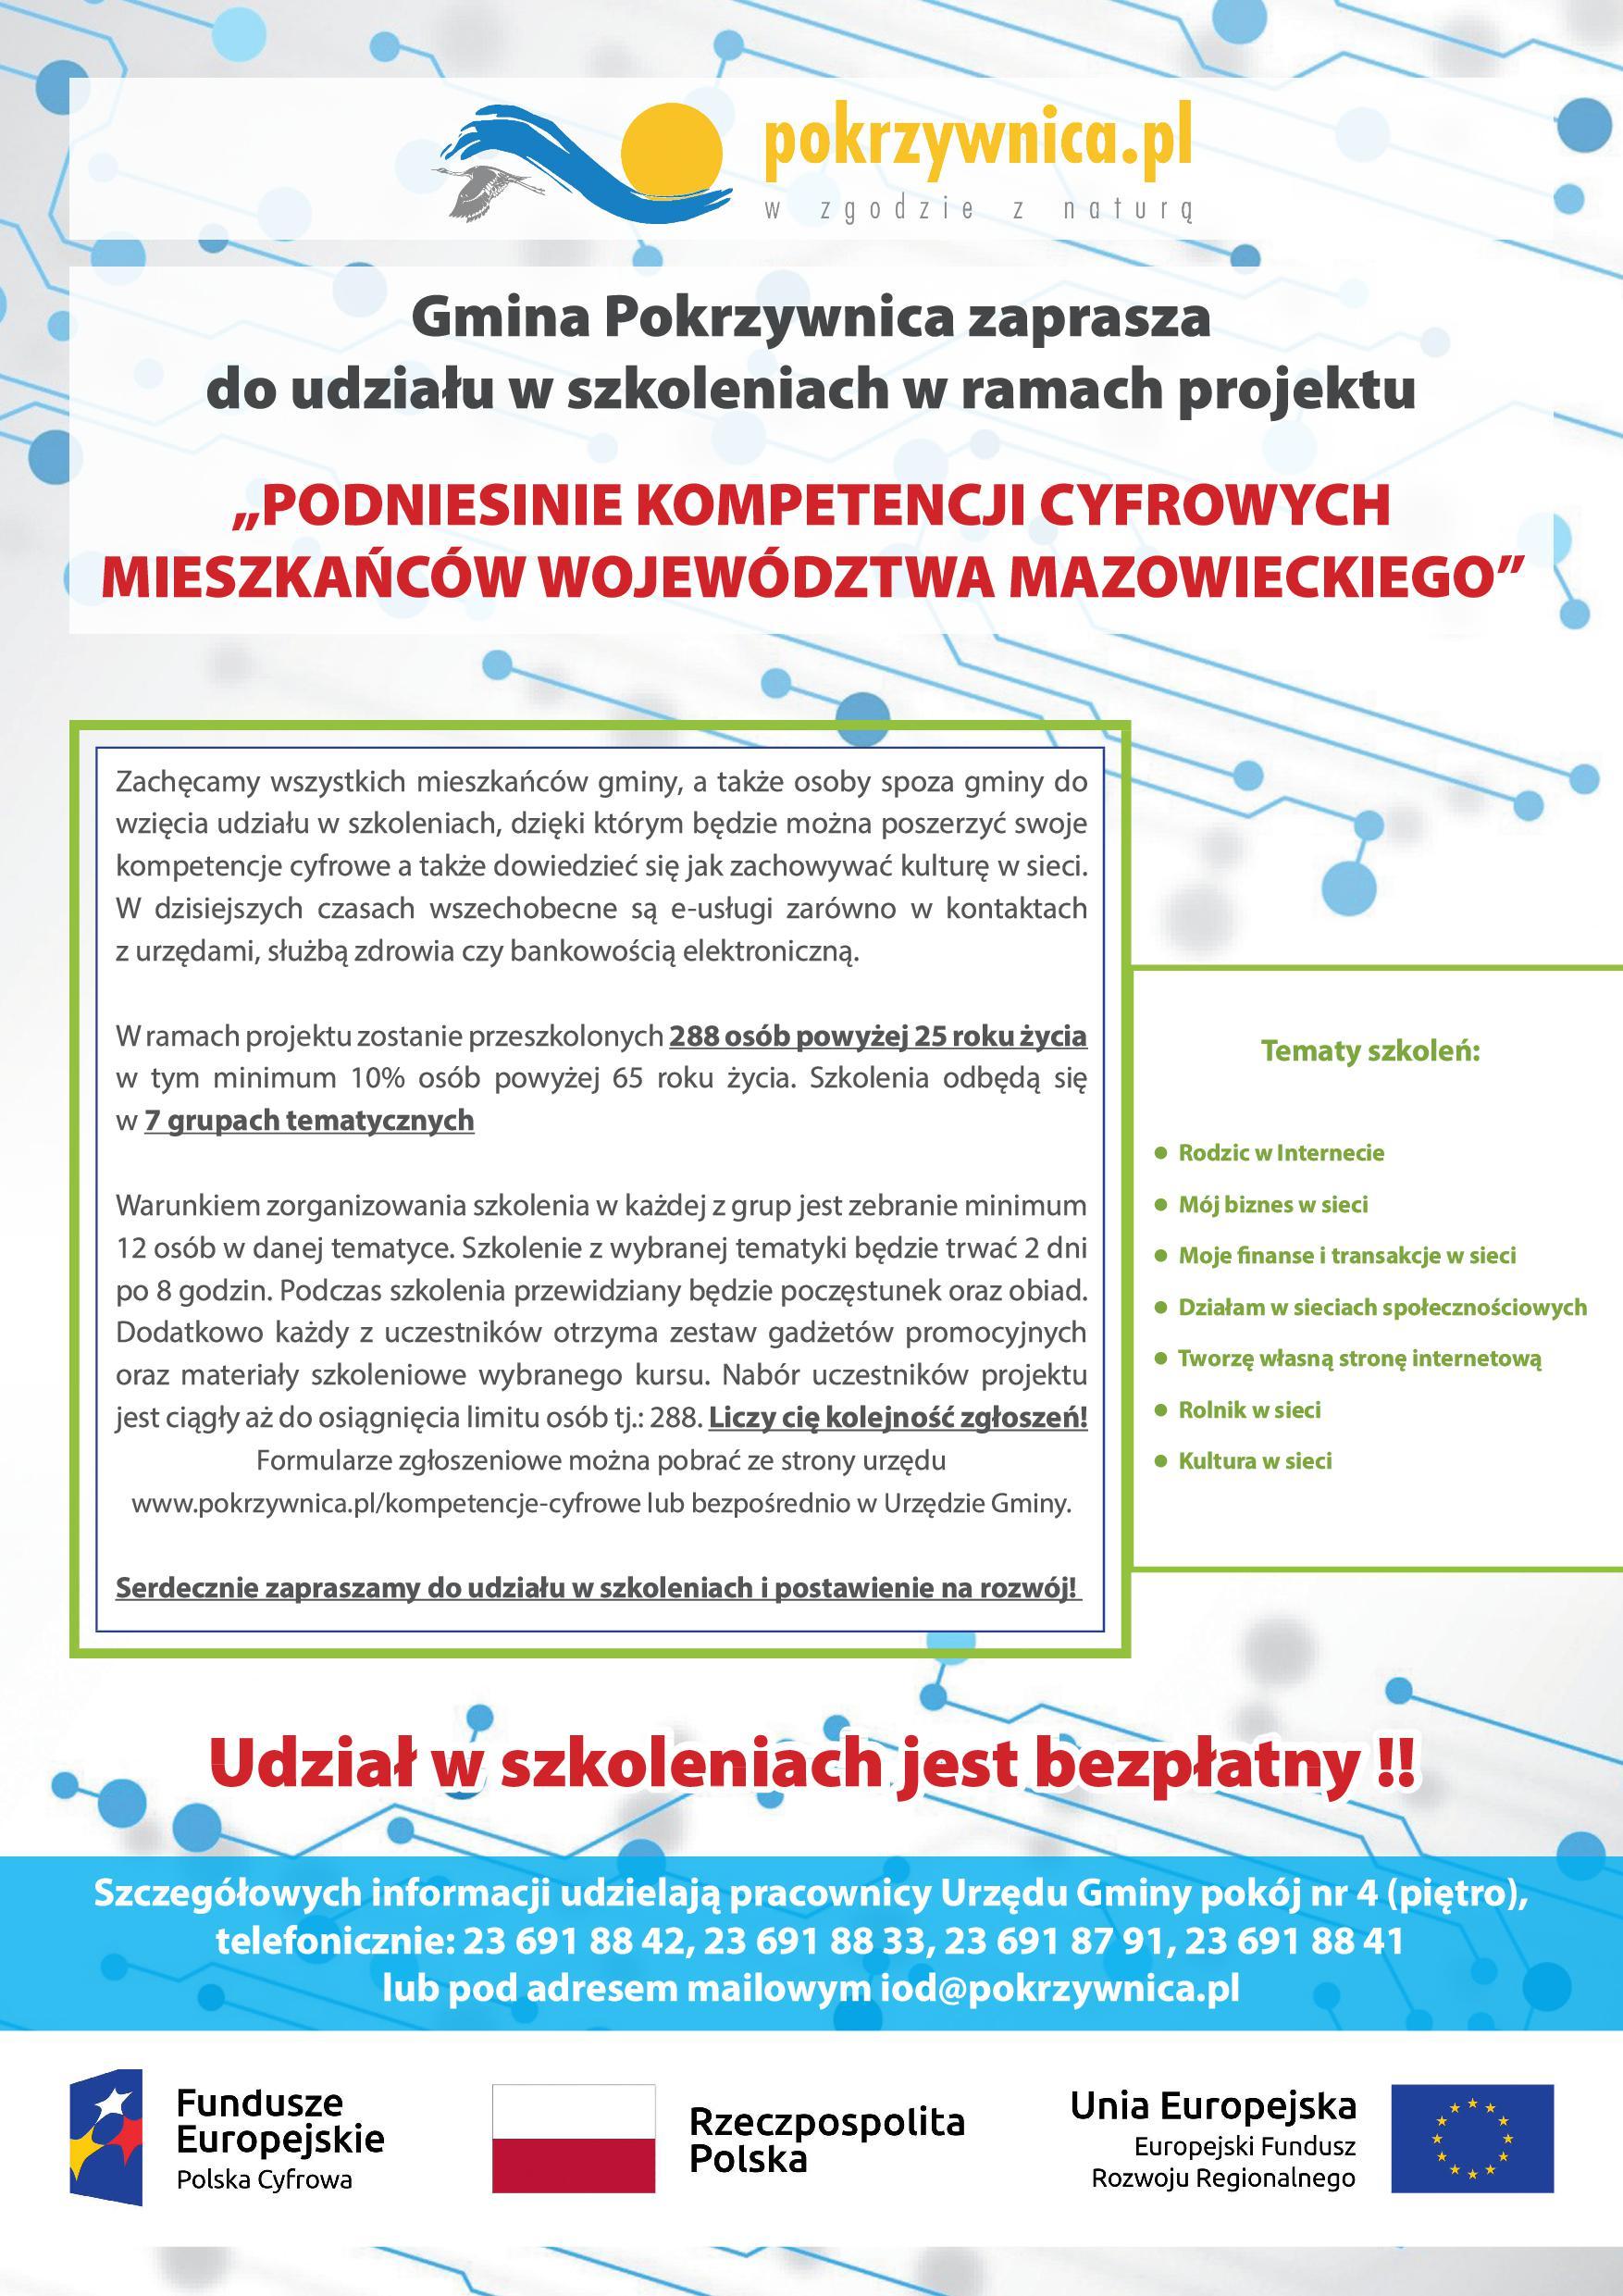 Gmina Pokrzywnica realizuje bezpłatne szkolenia